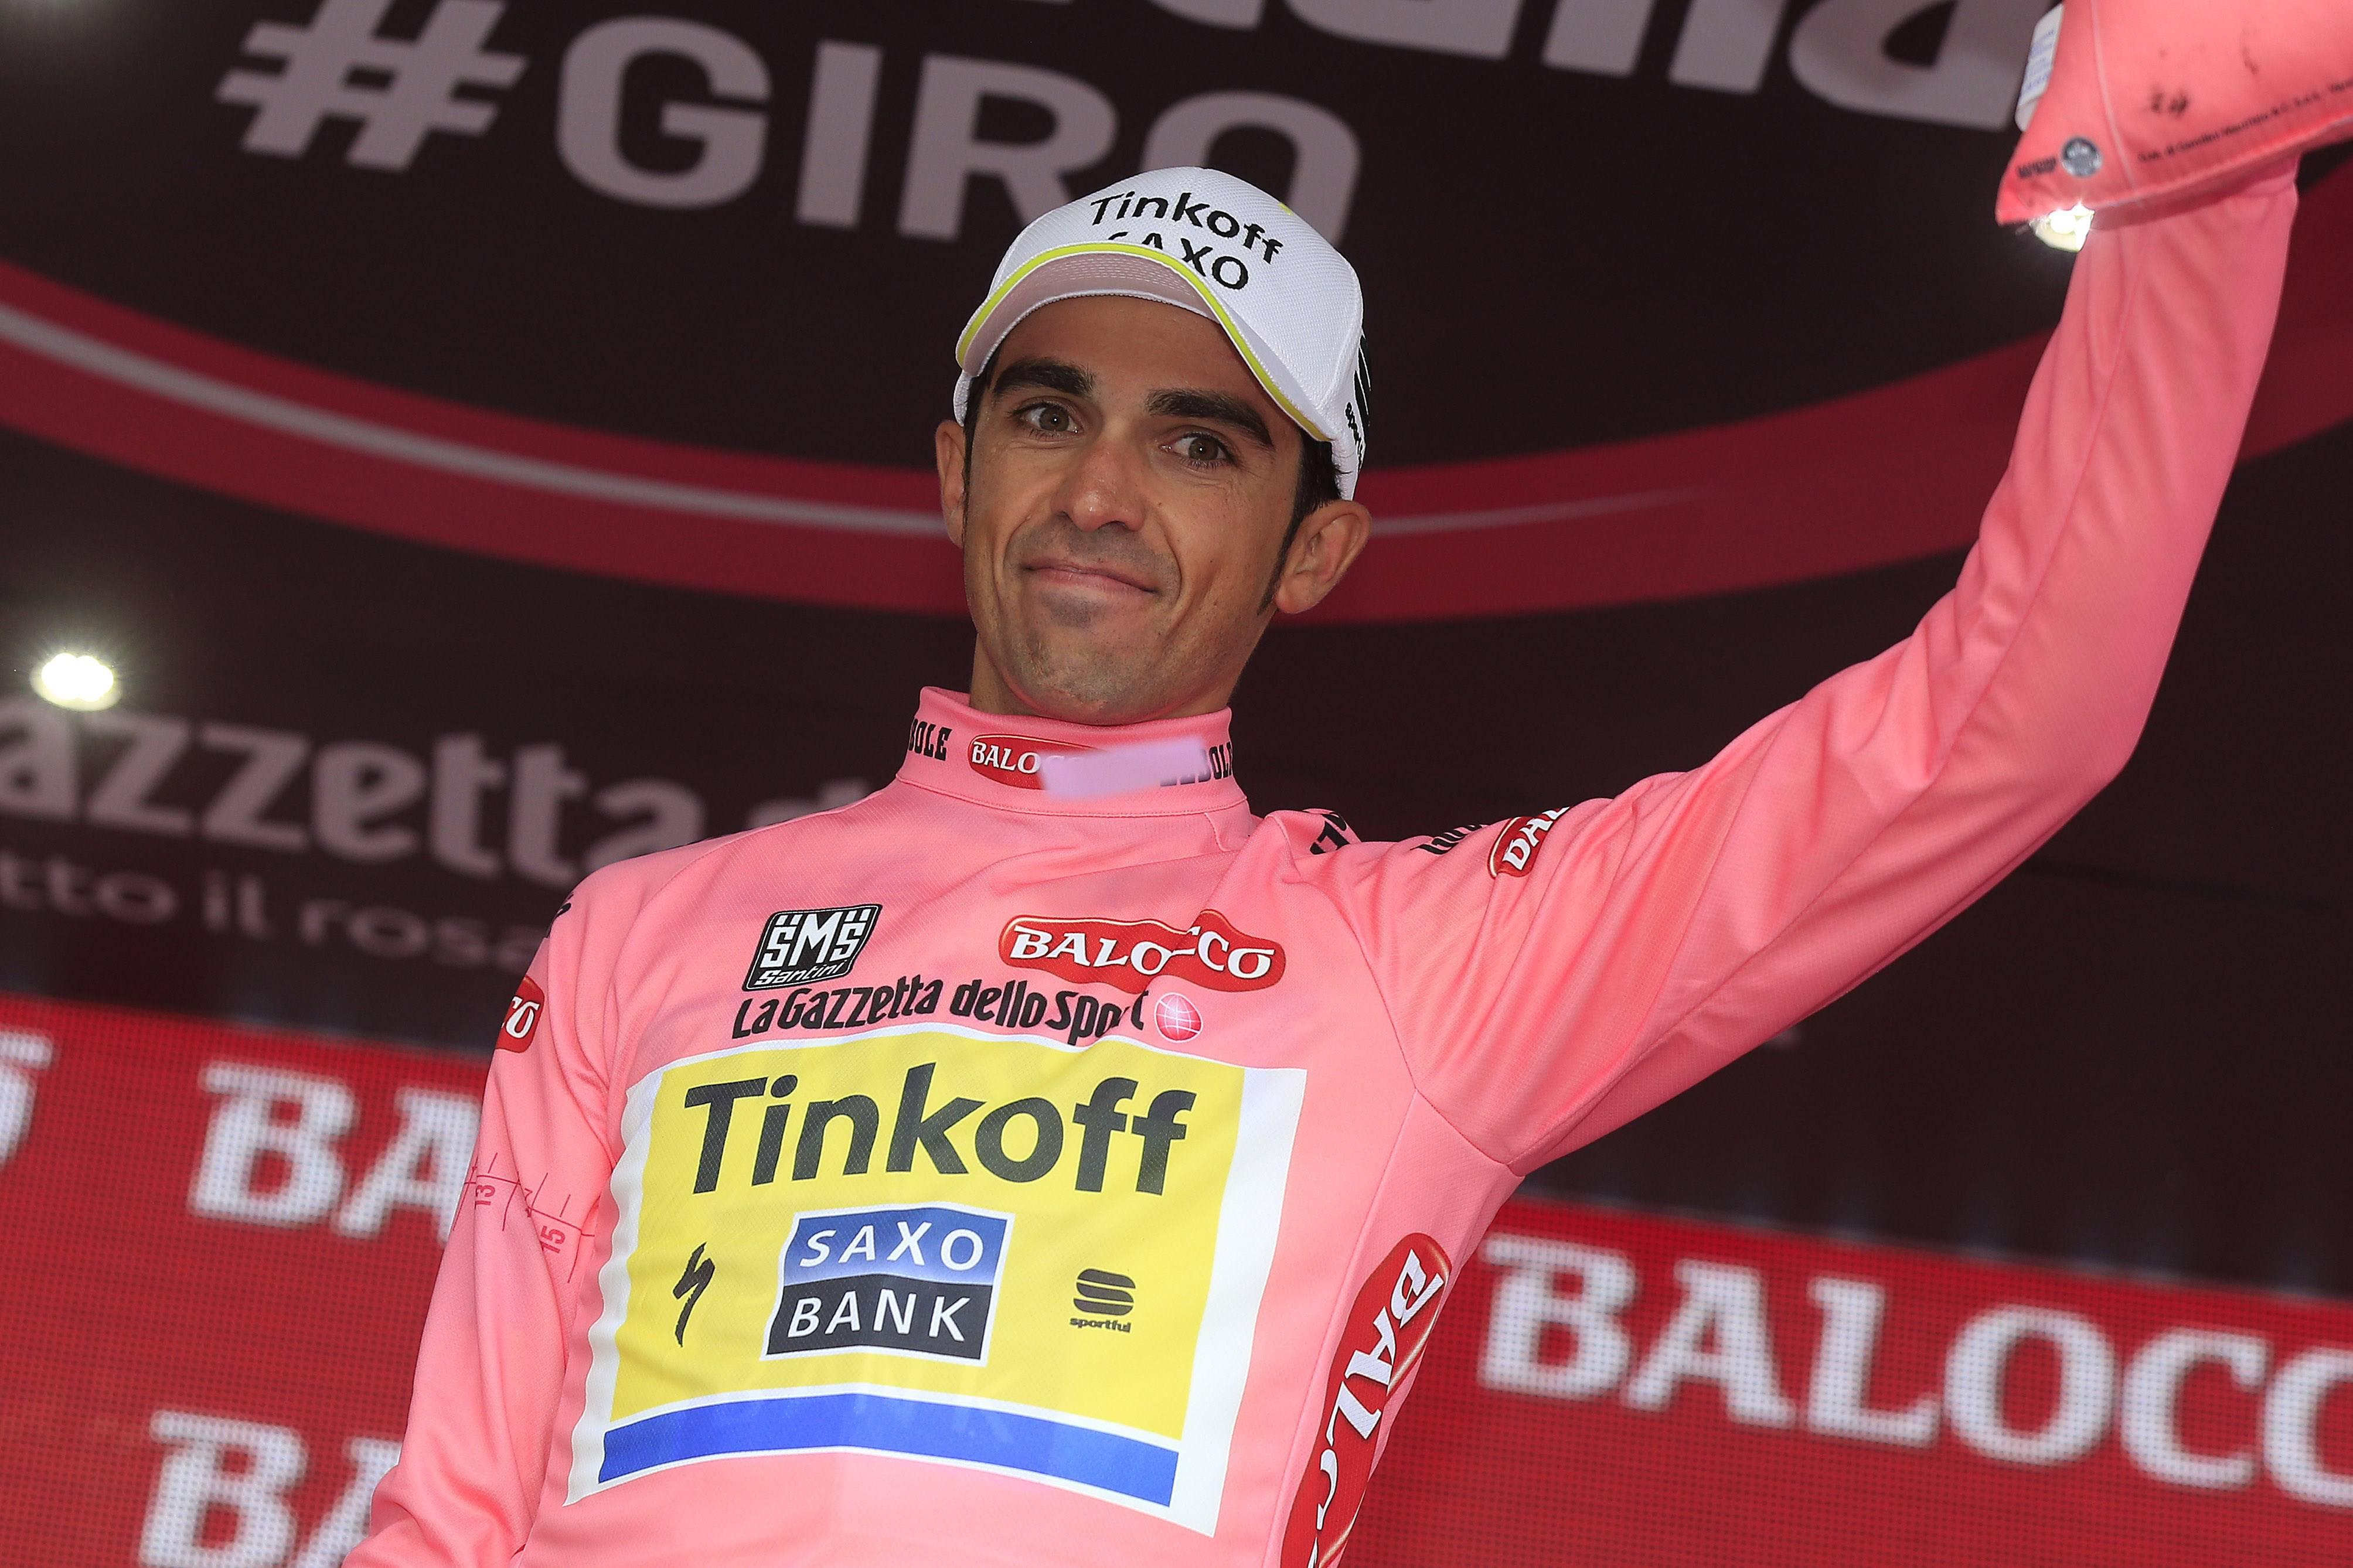 Giro d'Italia 2015. 14^ tappa: Contador ritorna in rosa, Kiryienka vince la cronometro (FOTOGALLERY)